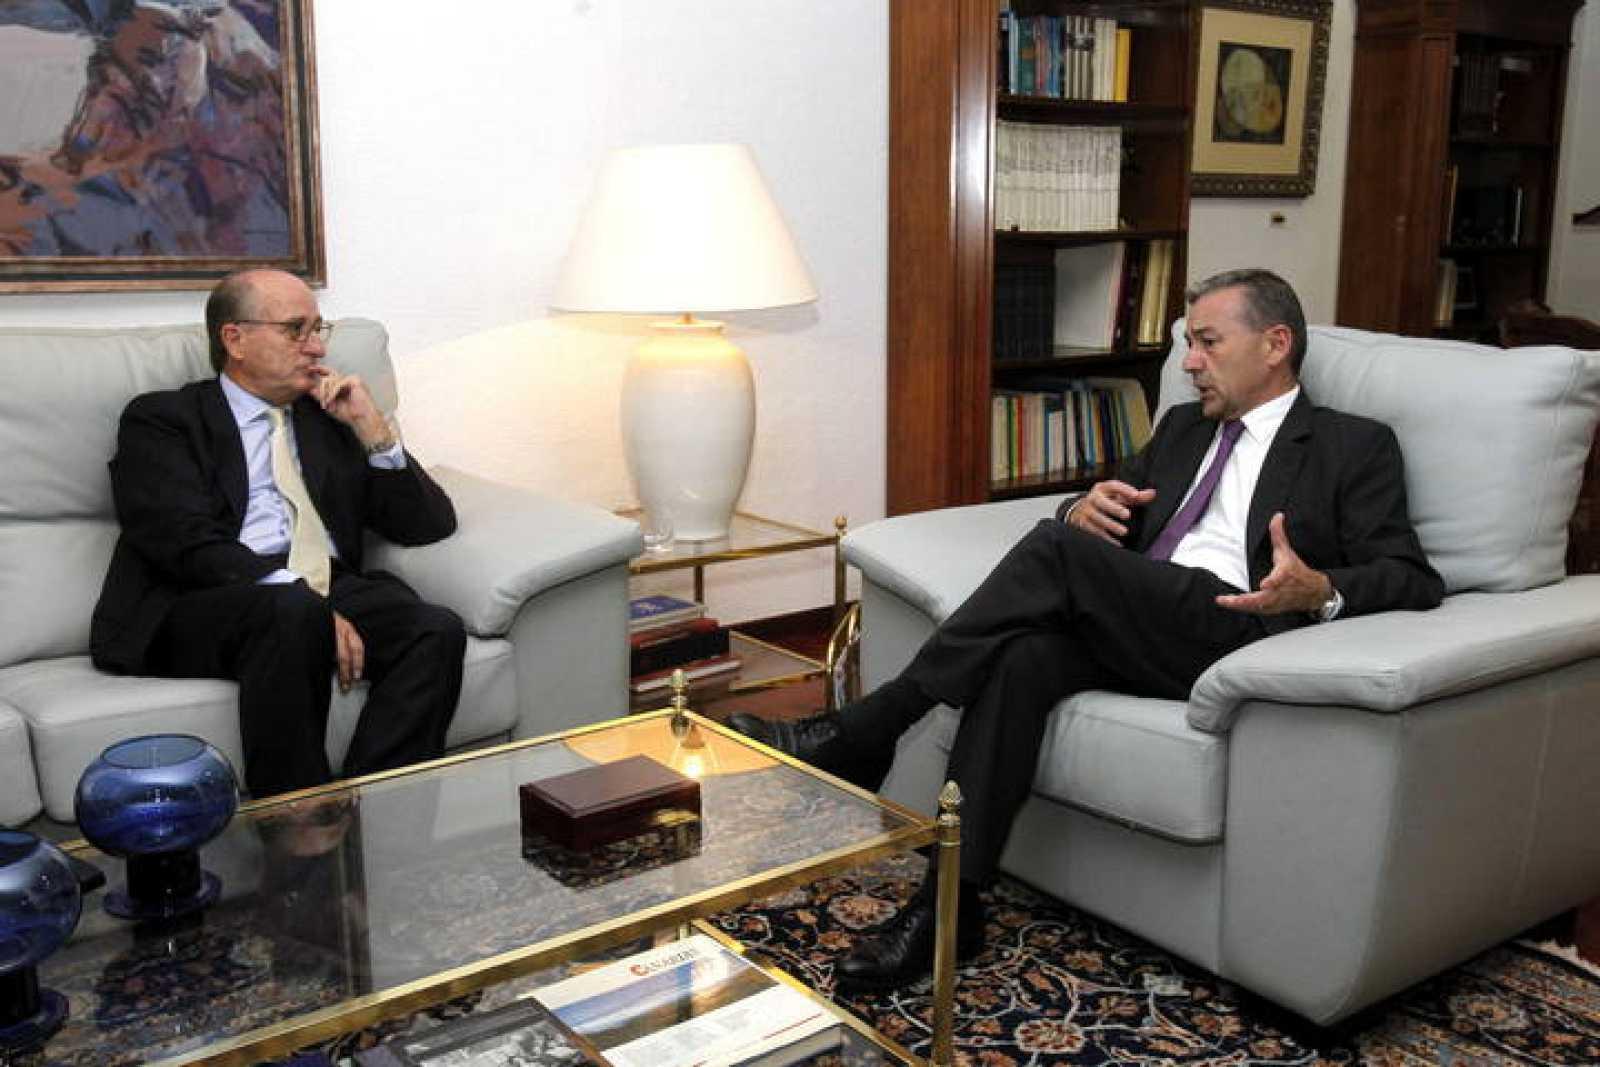 El presidente del Gobierno de Canarias, Paulino Rivero y el presidente de Repsol, Antonio Brufau, durante la reunión que han mantenido en la Casa de Canarias en Madrid